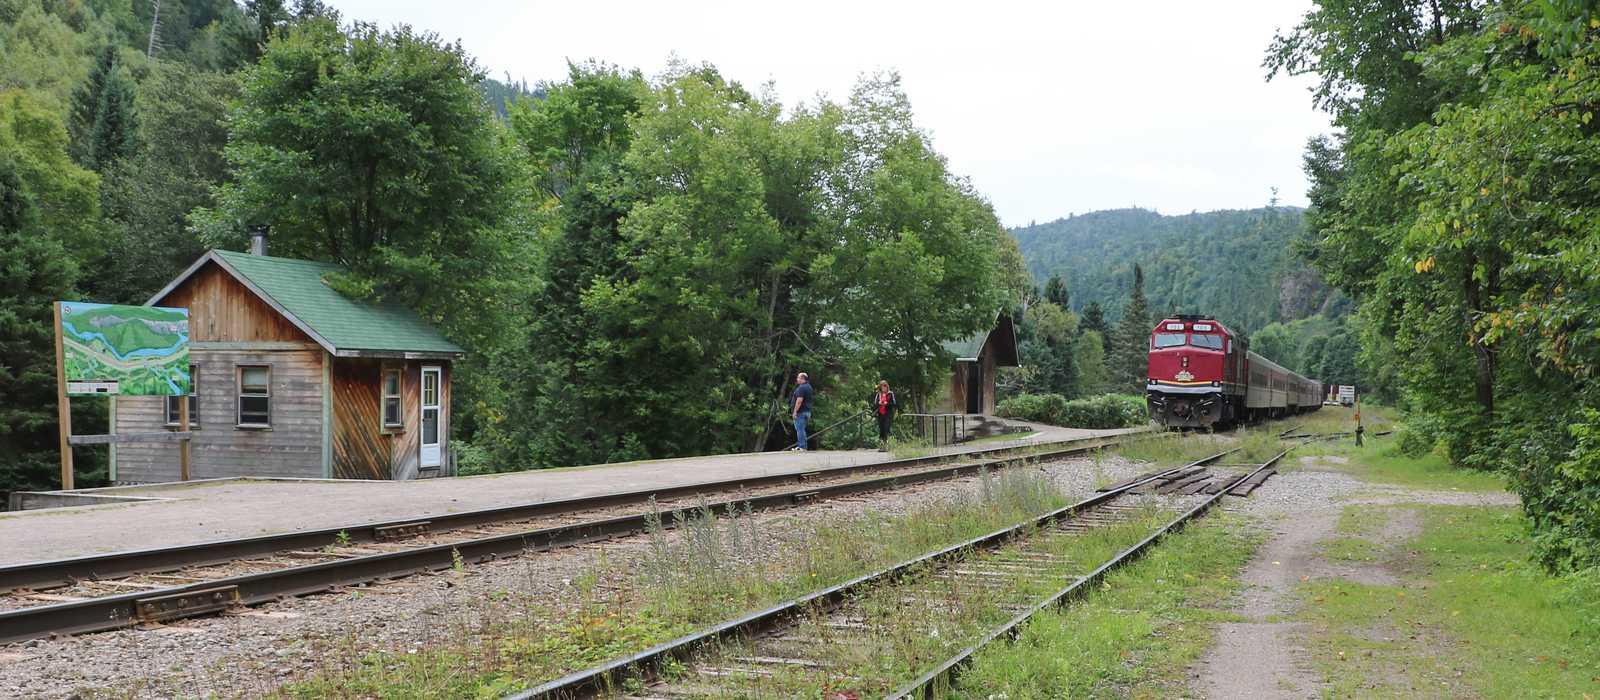 Ein Agawa Canyon Tour Train in Algoma Country, Ontario